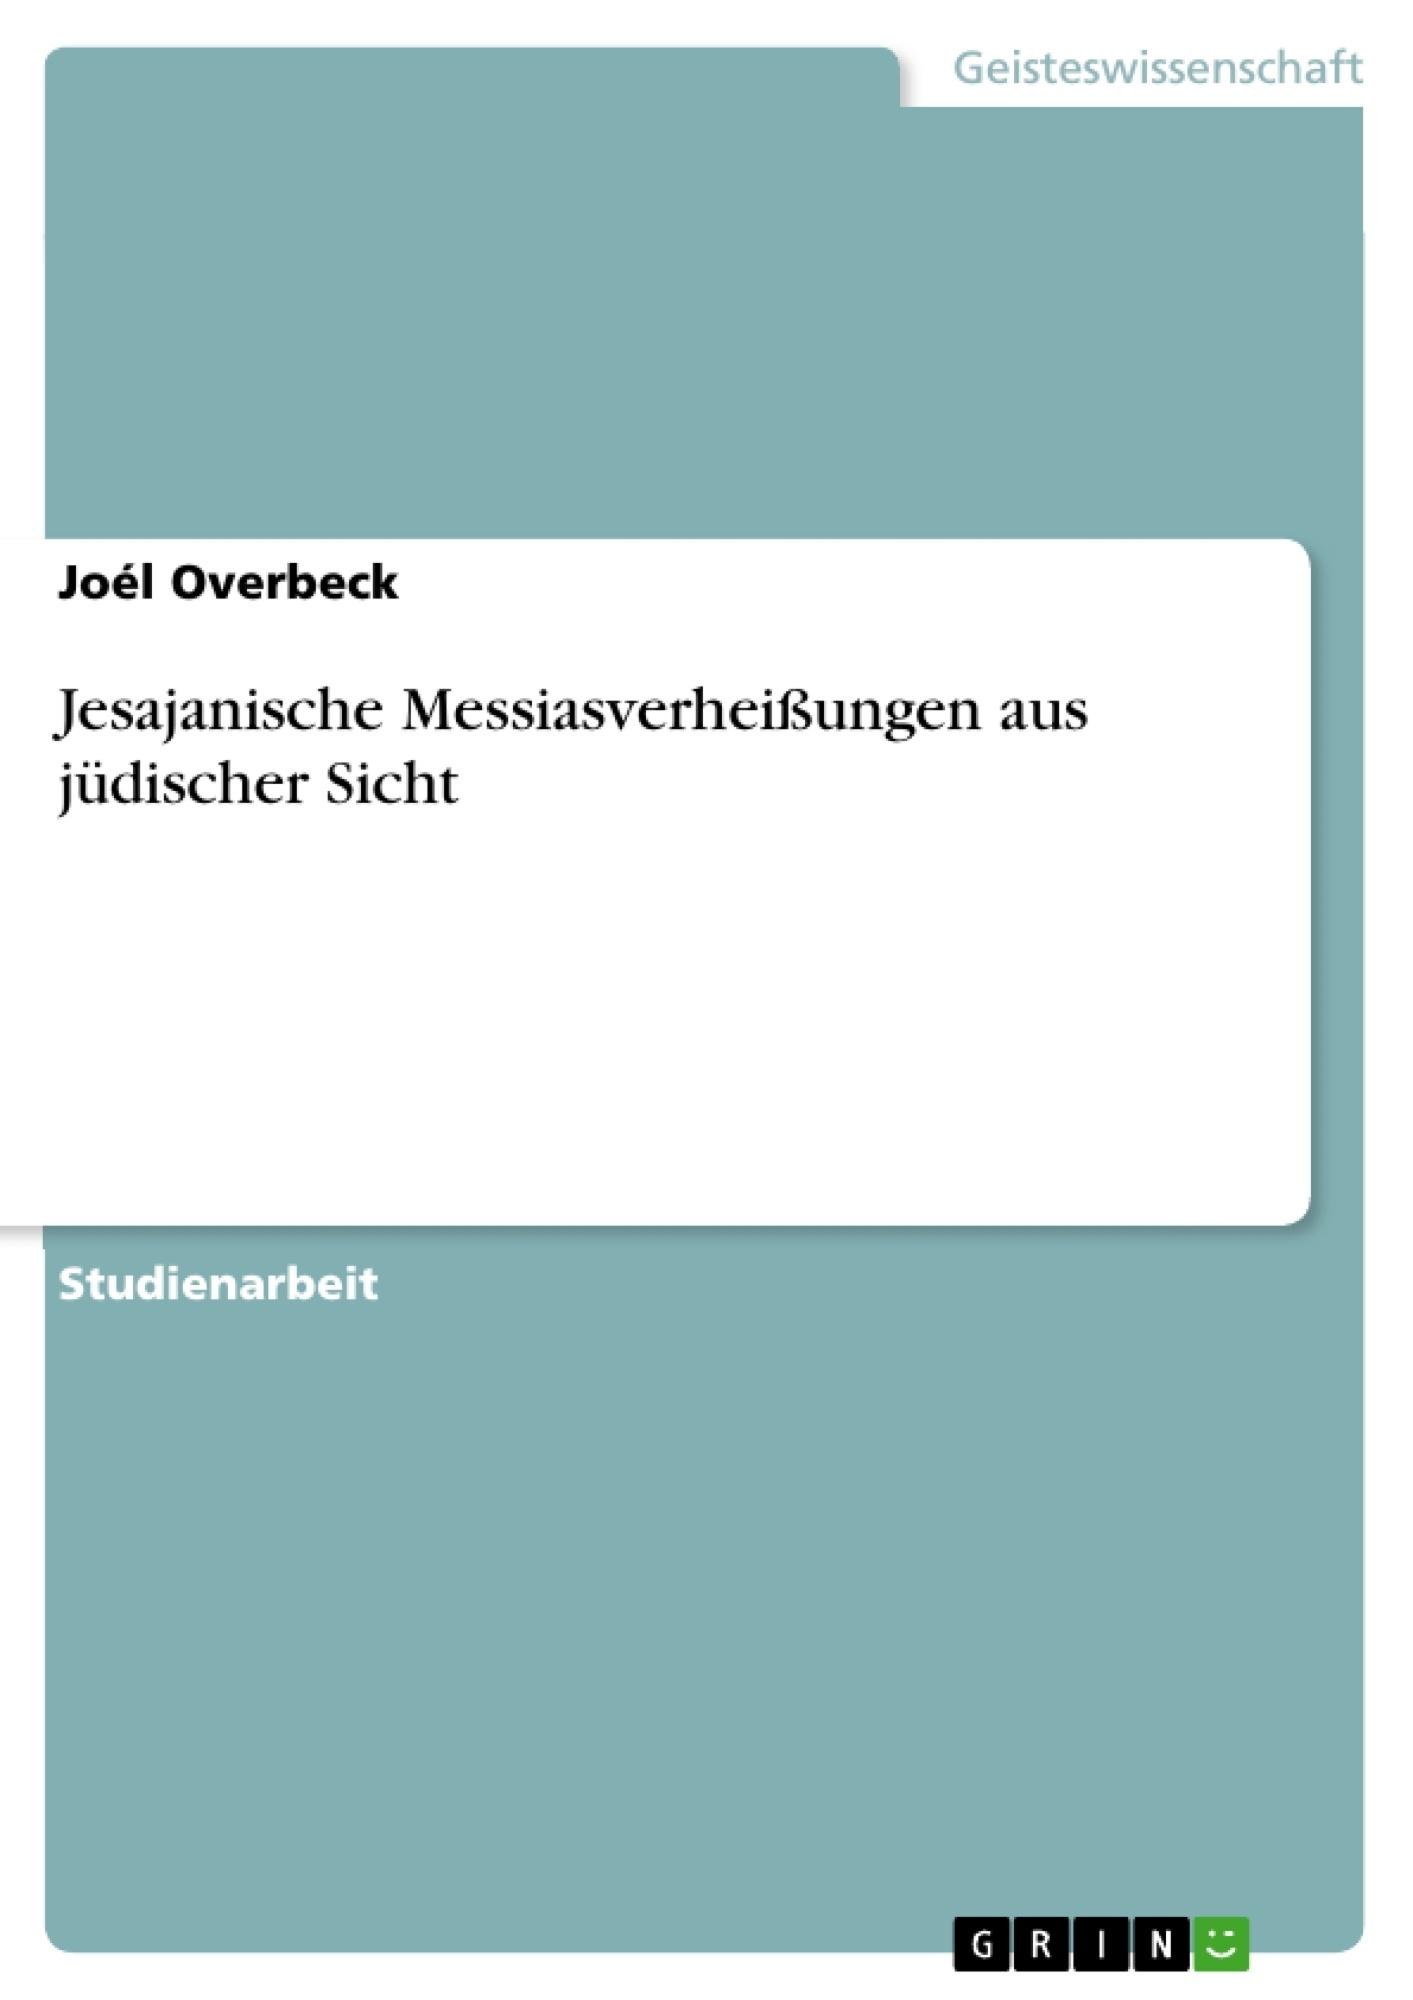 Titel: Jesajanische Messiasverheißungen aus jüdischer Sicht